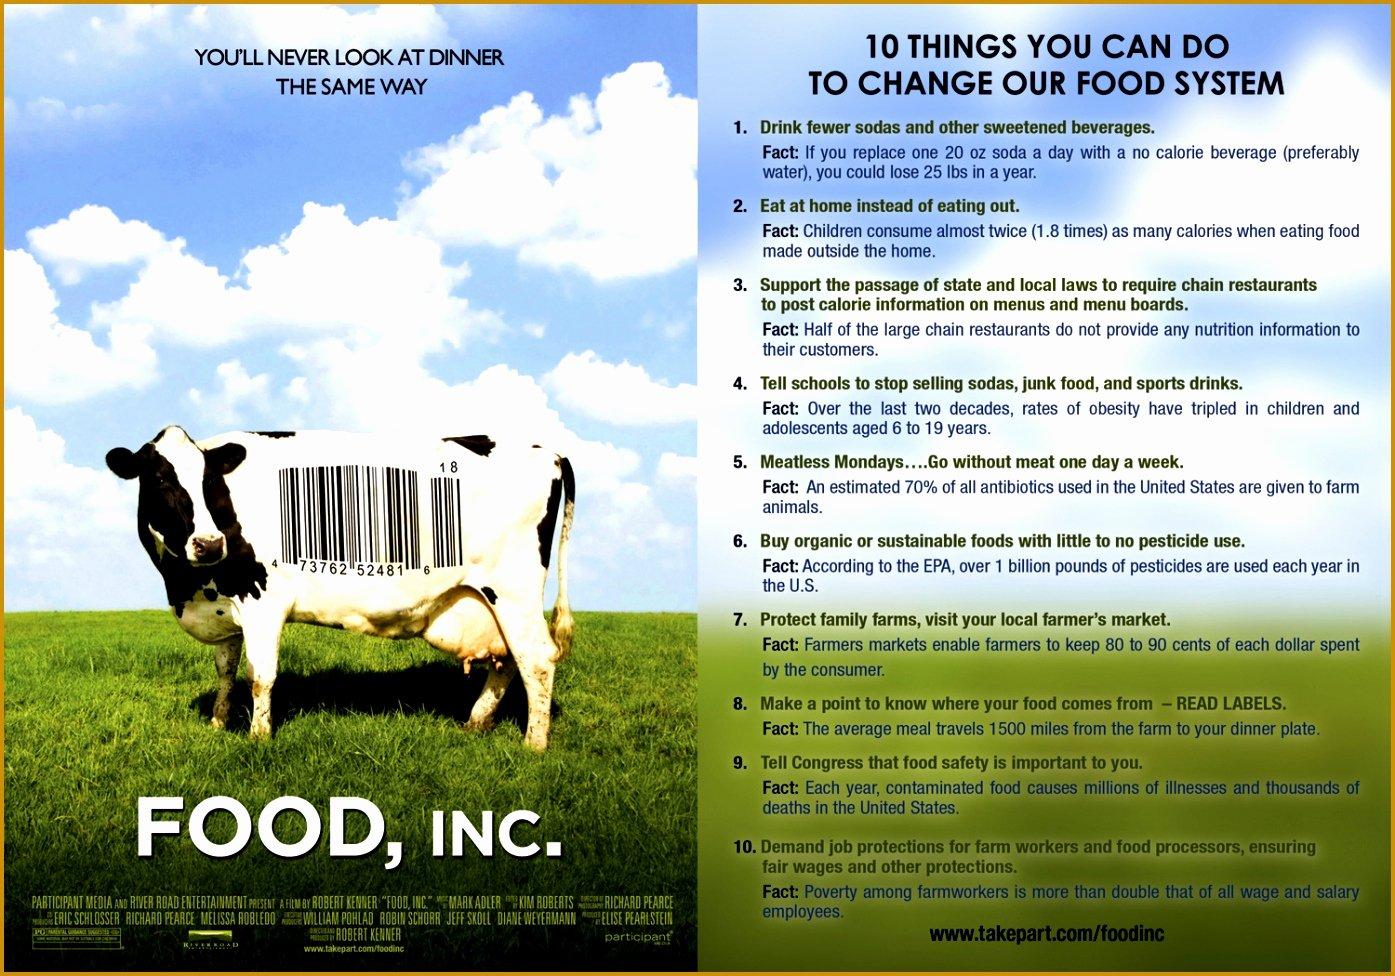 Food Inc Movie Worksheet Answers Luxury 7 Food Inc Movie Worksheet Answers